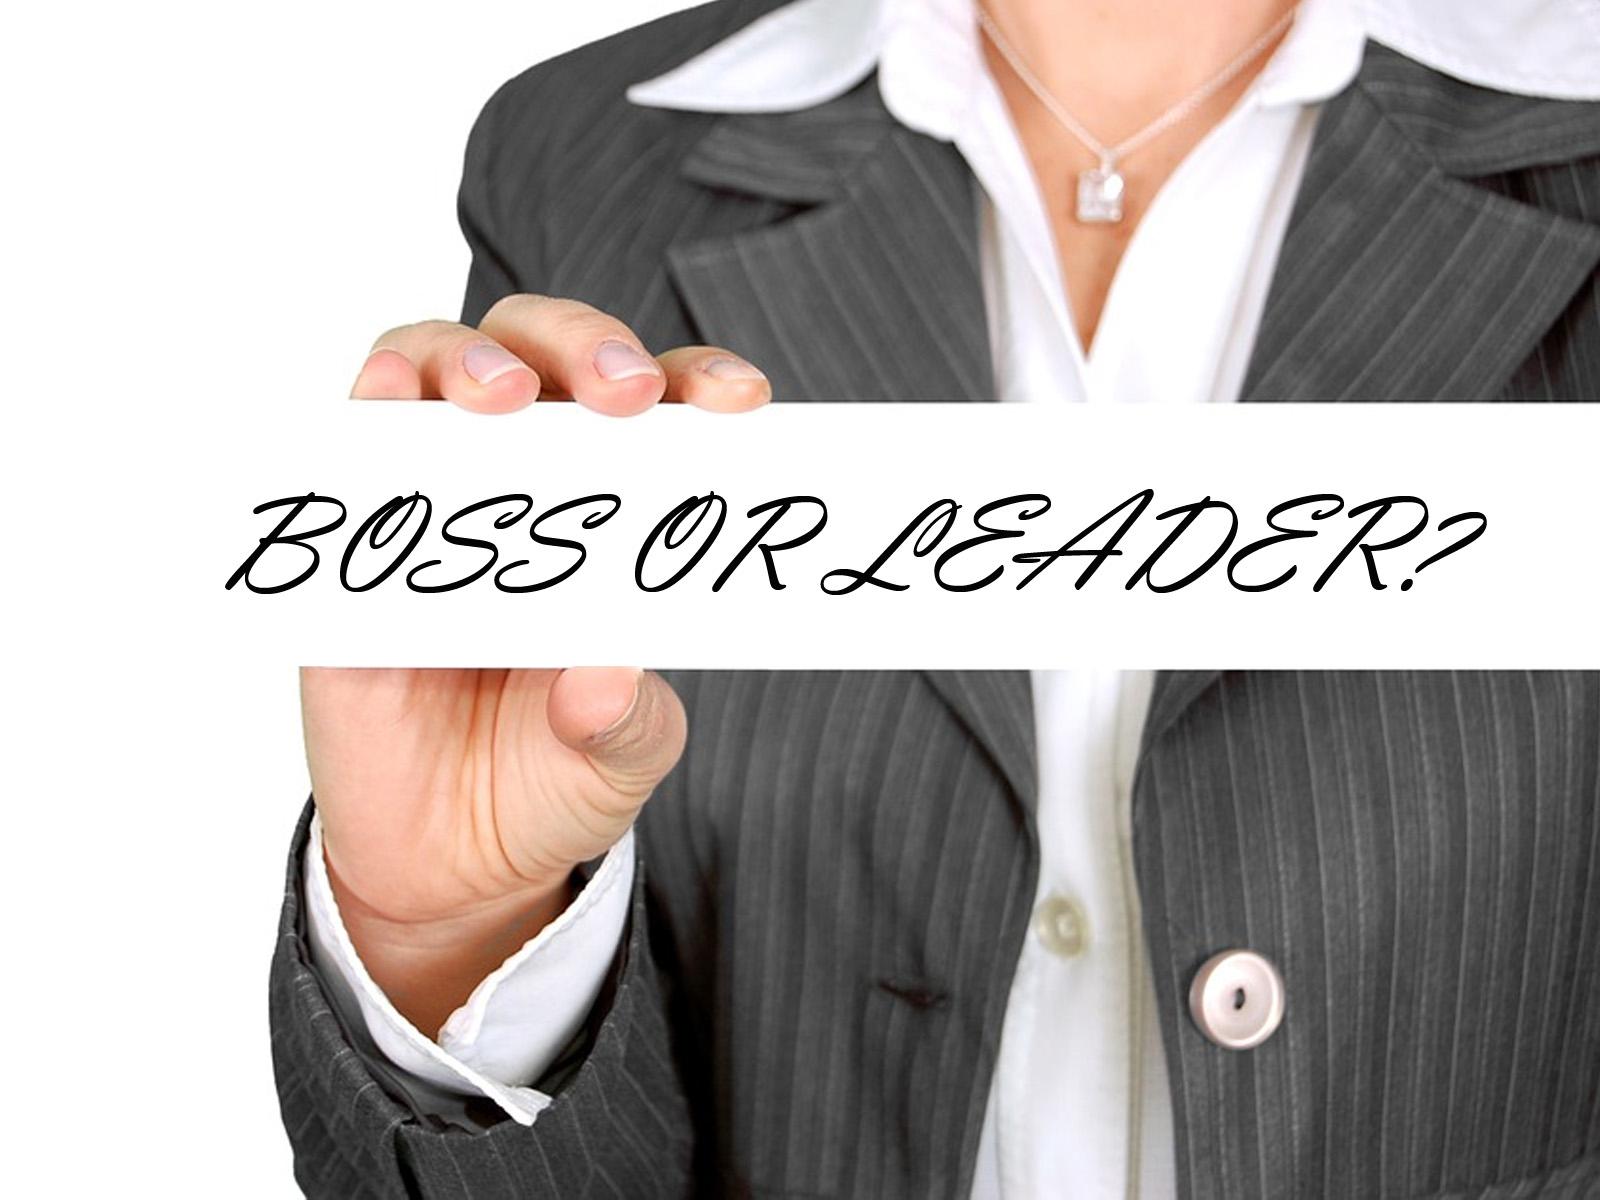 Apakah Anda Seorang Leader atau Bos? Ini Perbedaannya.